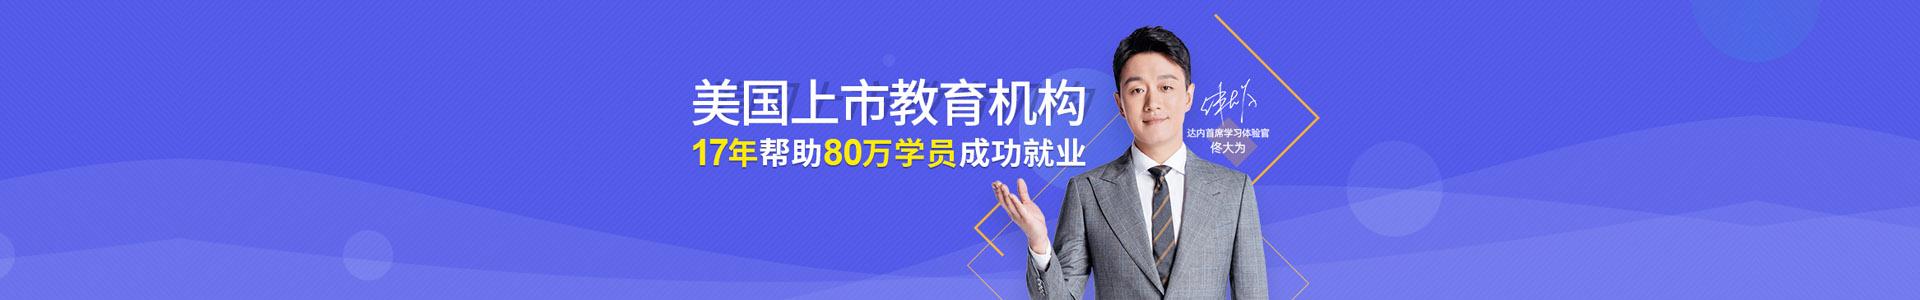 达内IT教育-重庆校区